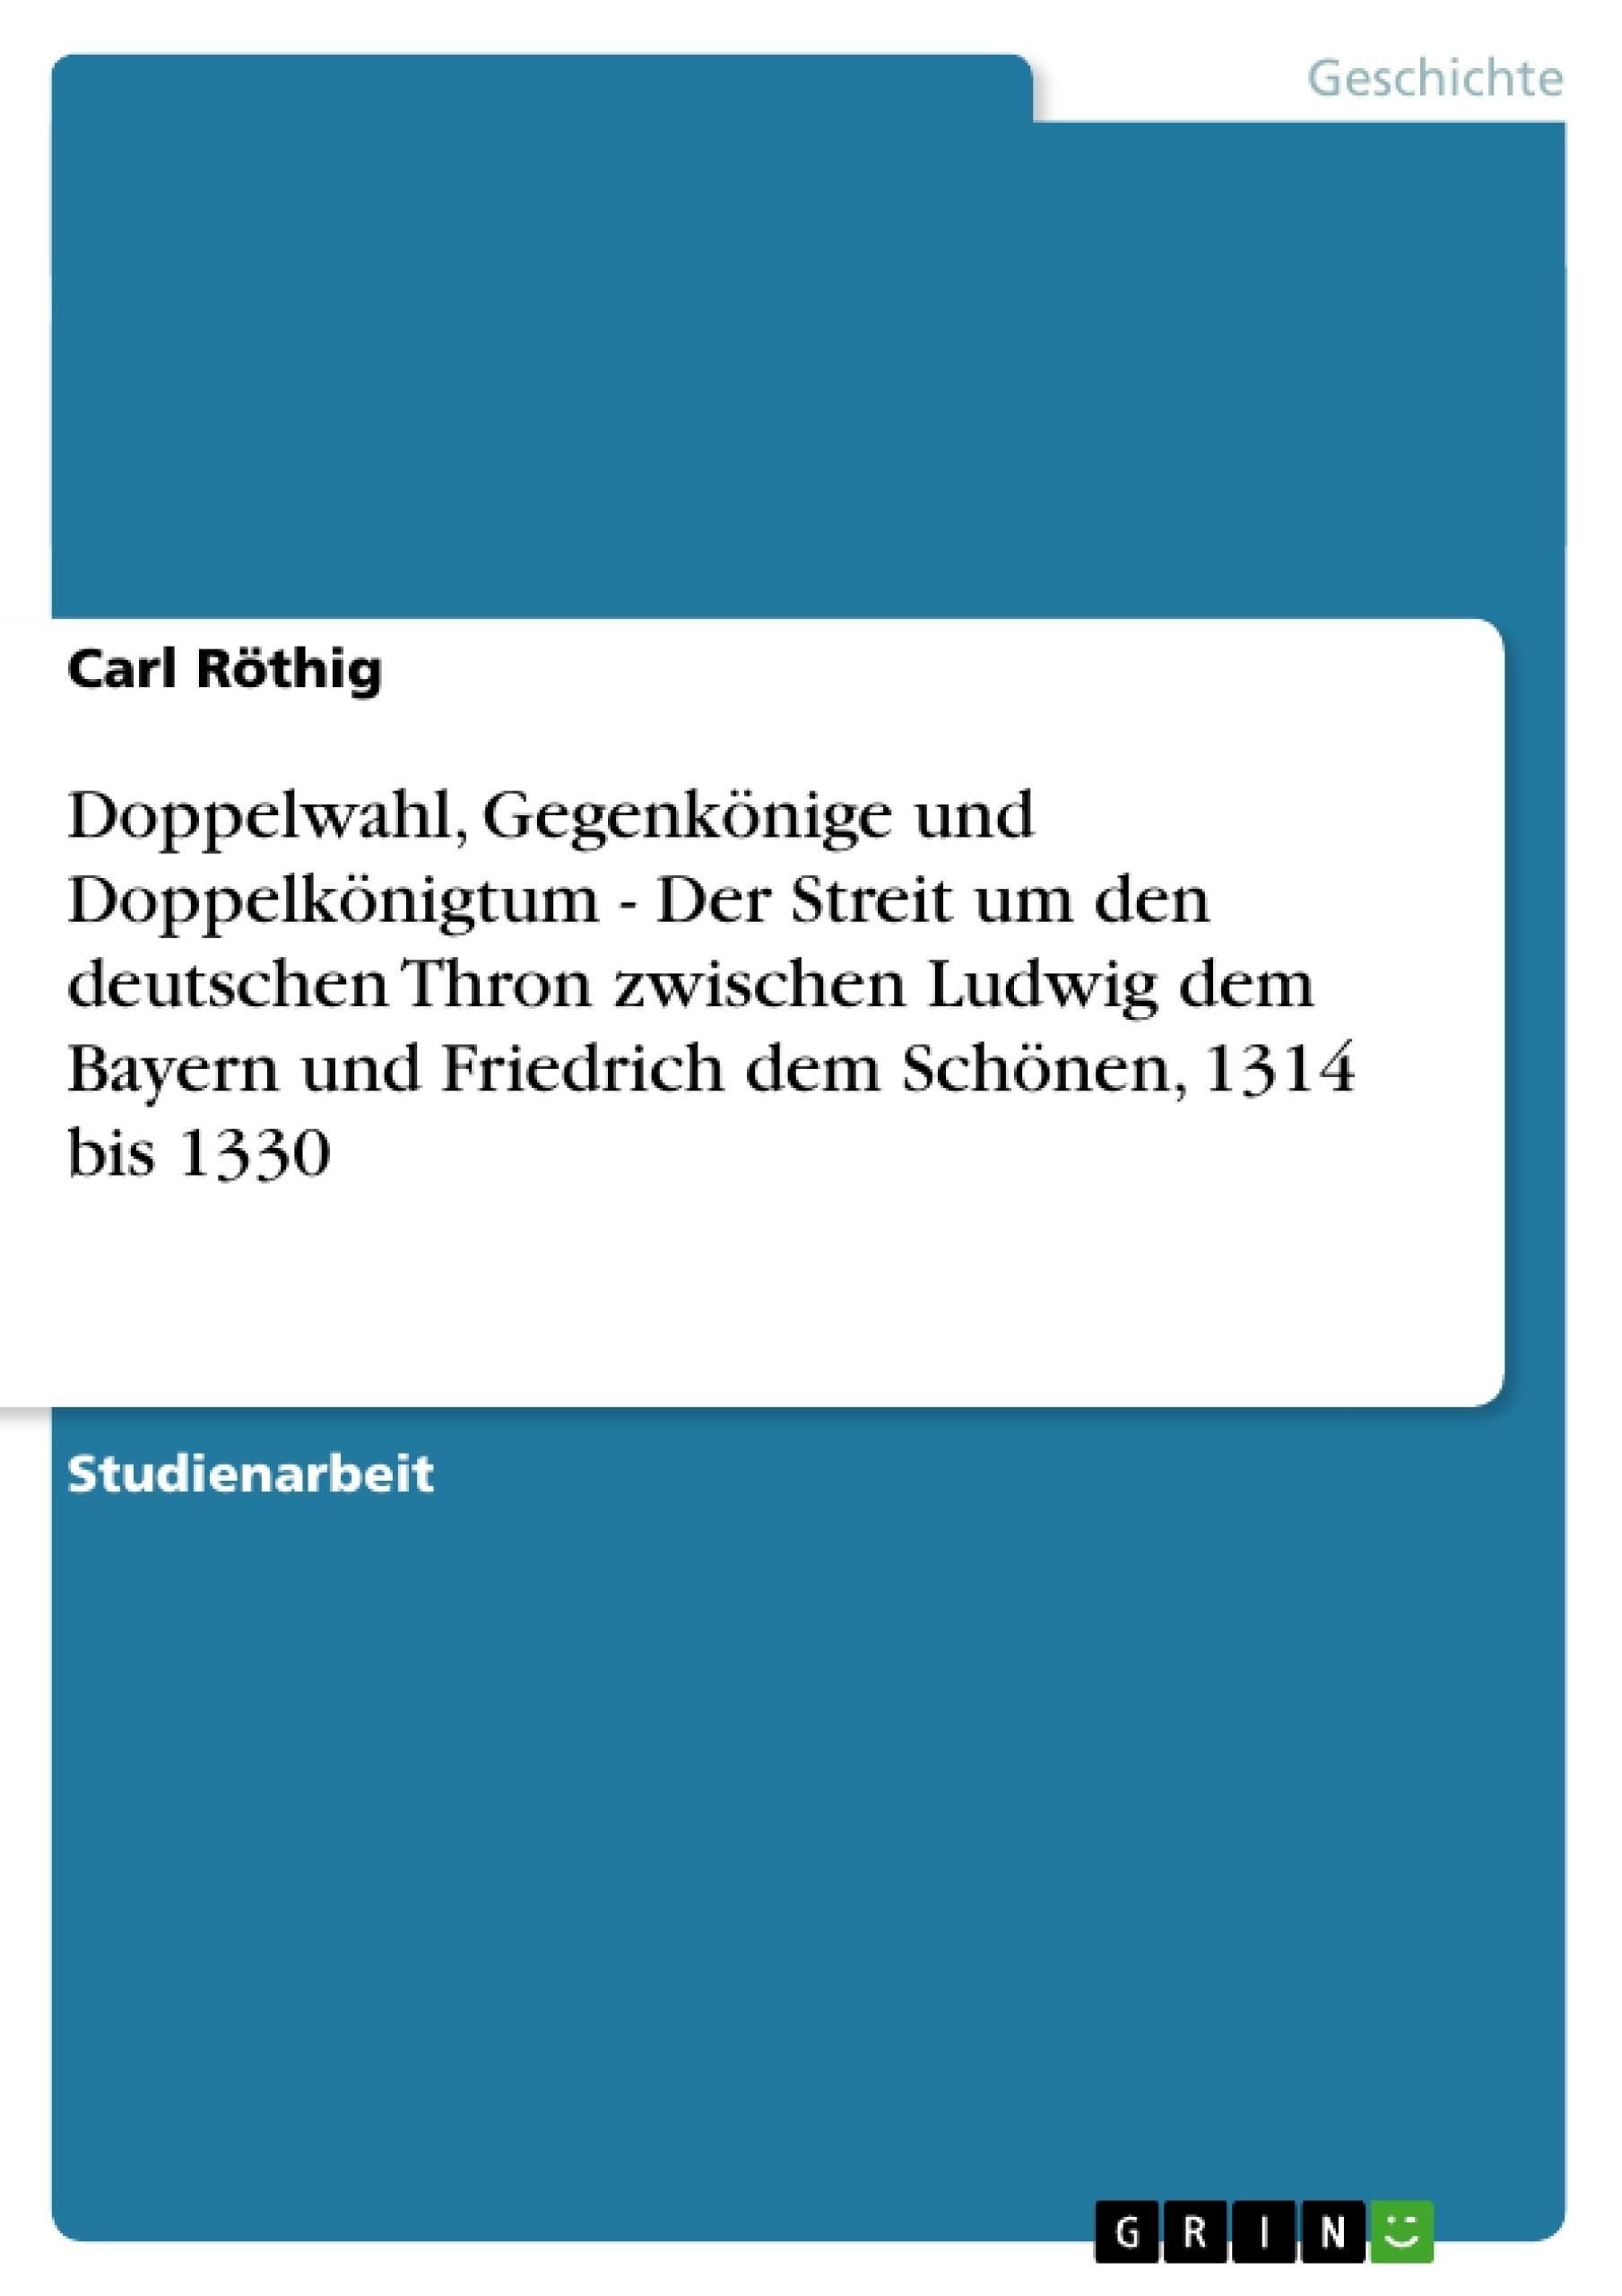 Titel: Doppelwahl, Gegenkönige und Doppelkönigtum - Der Streit um den deutschen Thron zwischen Ludwig dem Bayern und Friedrich dem Schönen, 1314 bis 1330